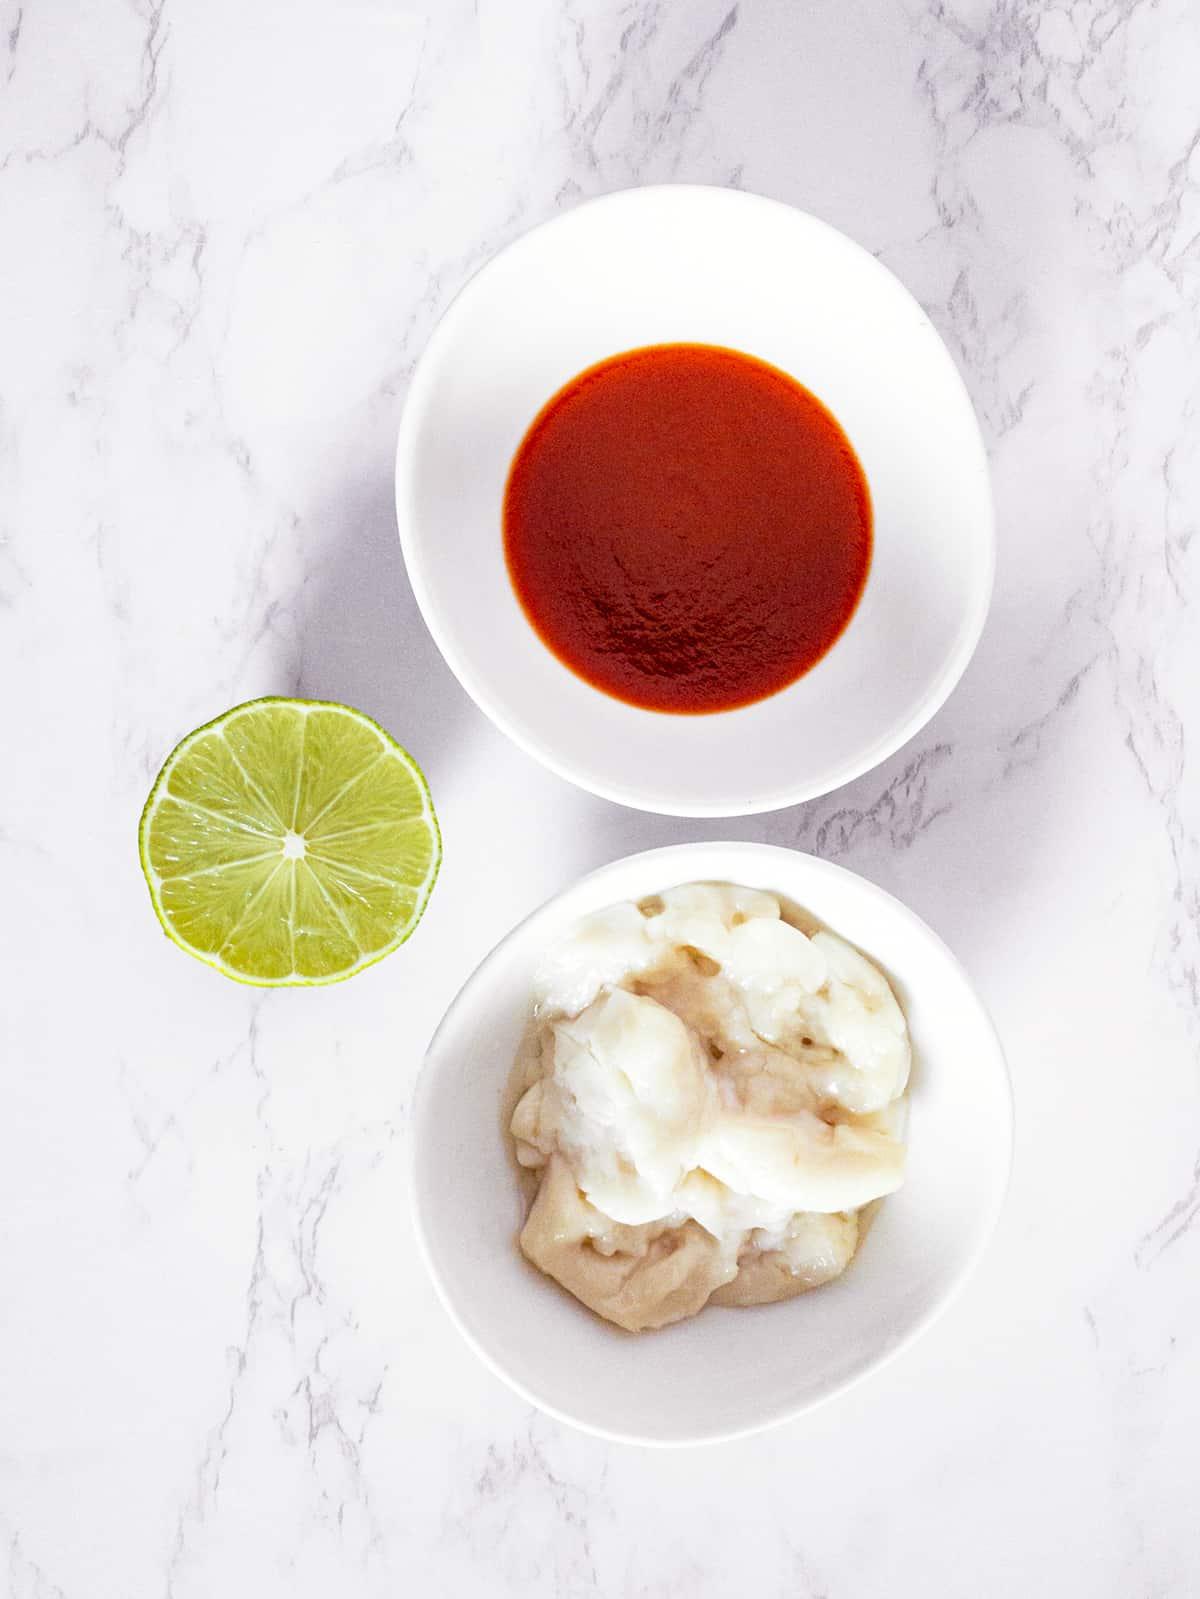 Zutaten für Sriracha Mayonnaise in Schüsseln auf einer Marmorplatte